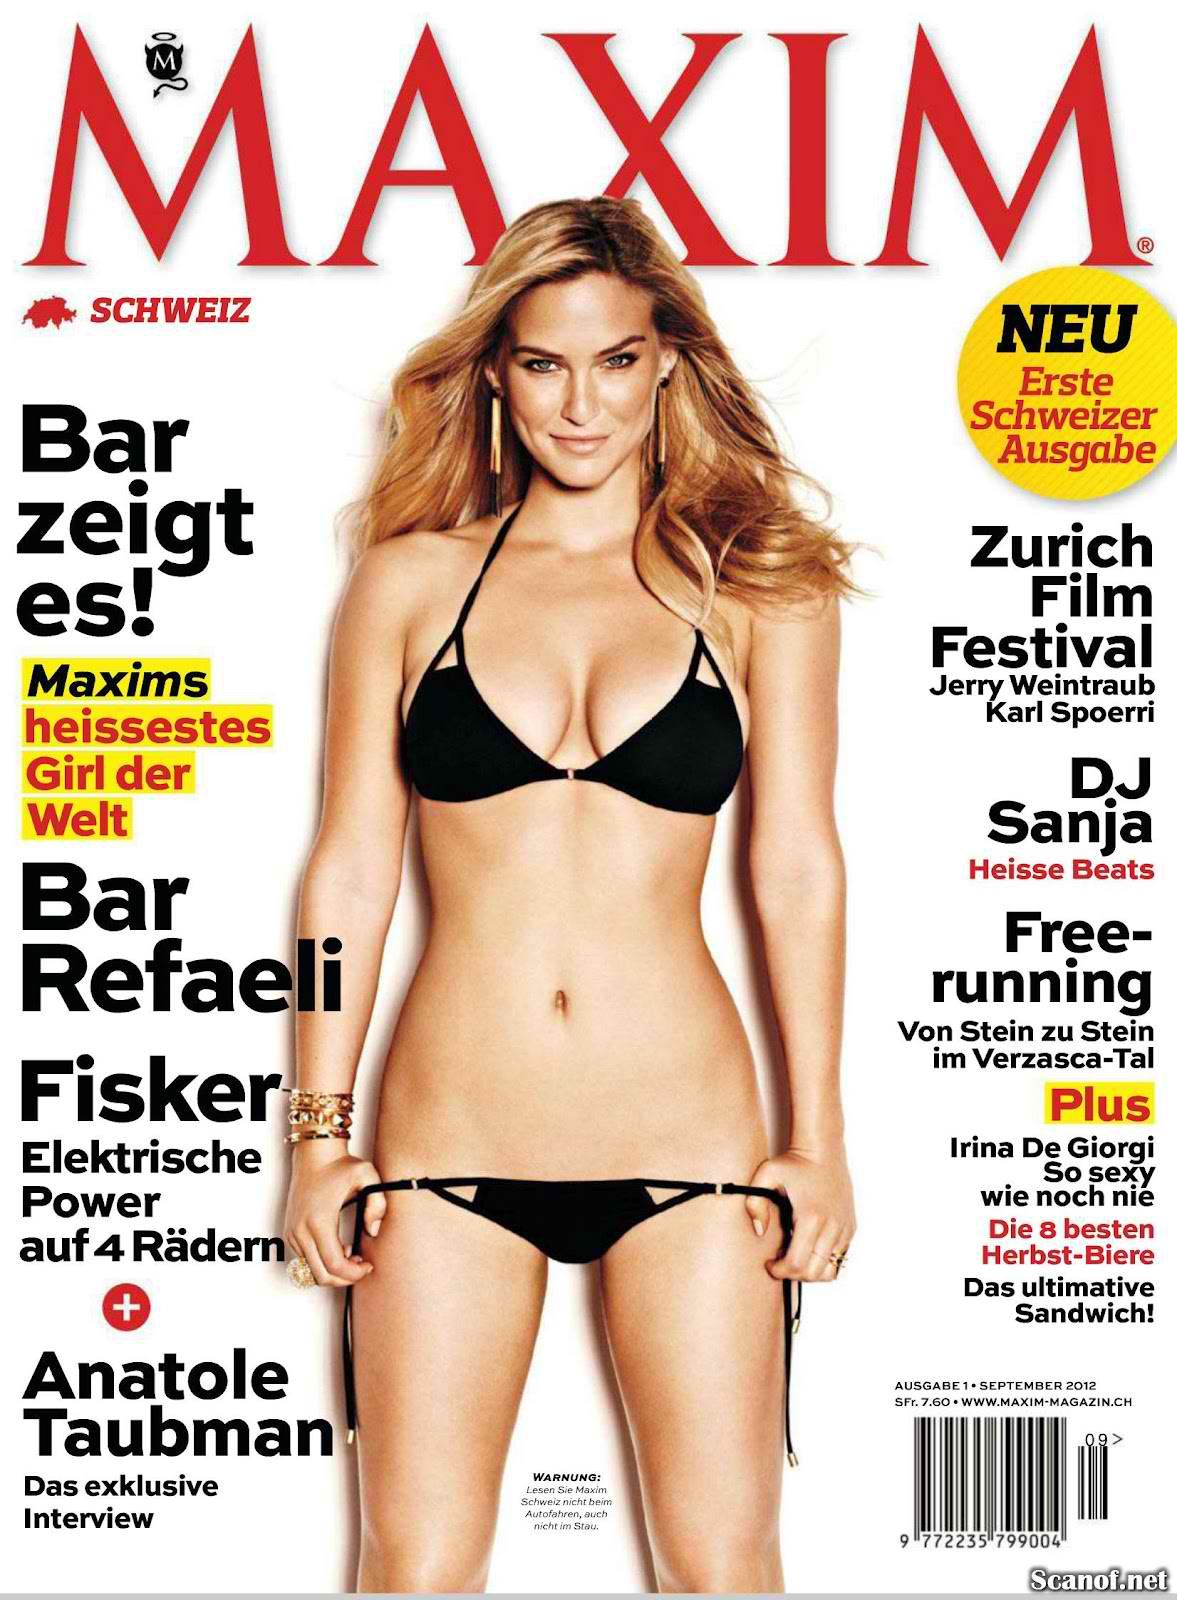 Самая сексуальная женщина года по версии журнала Maxim